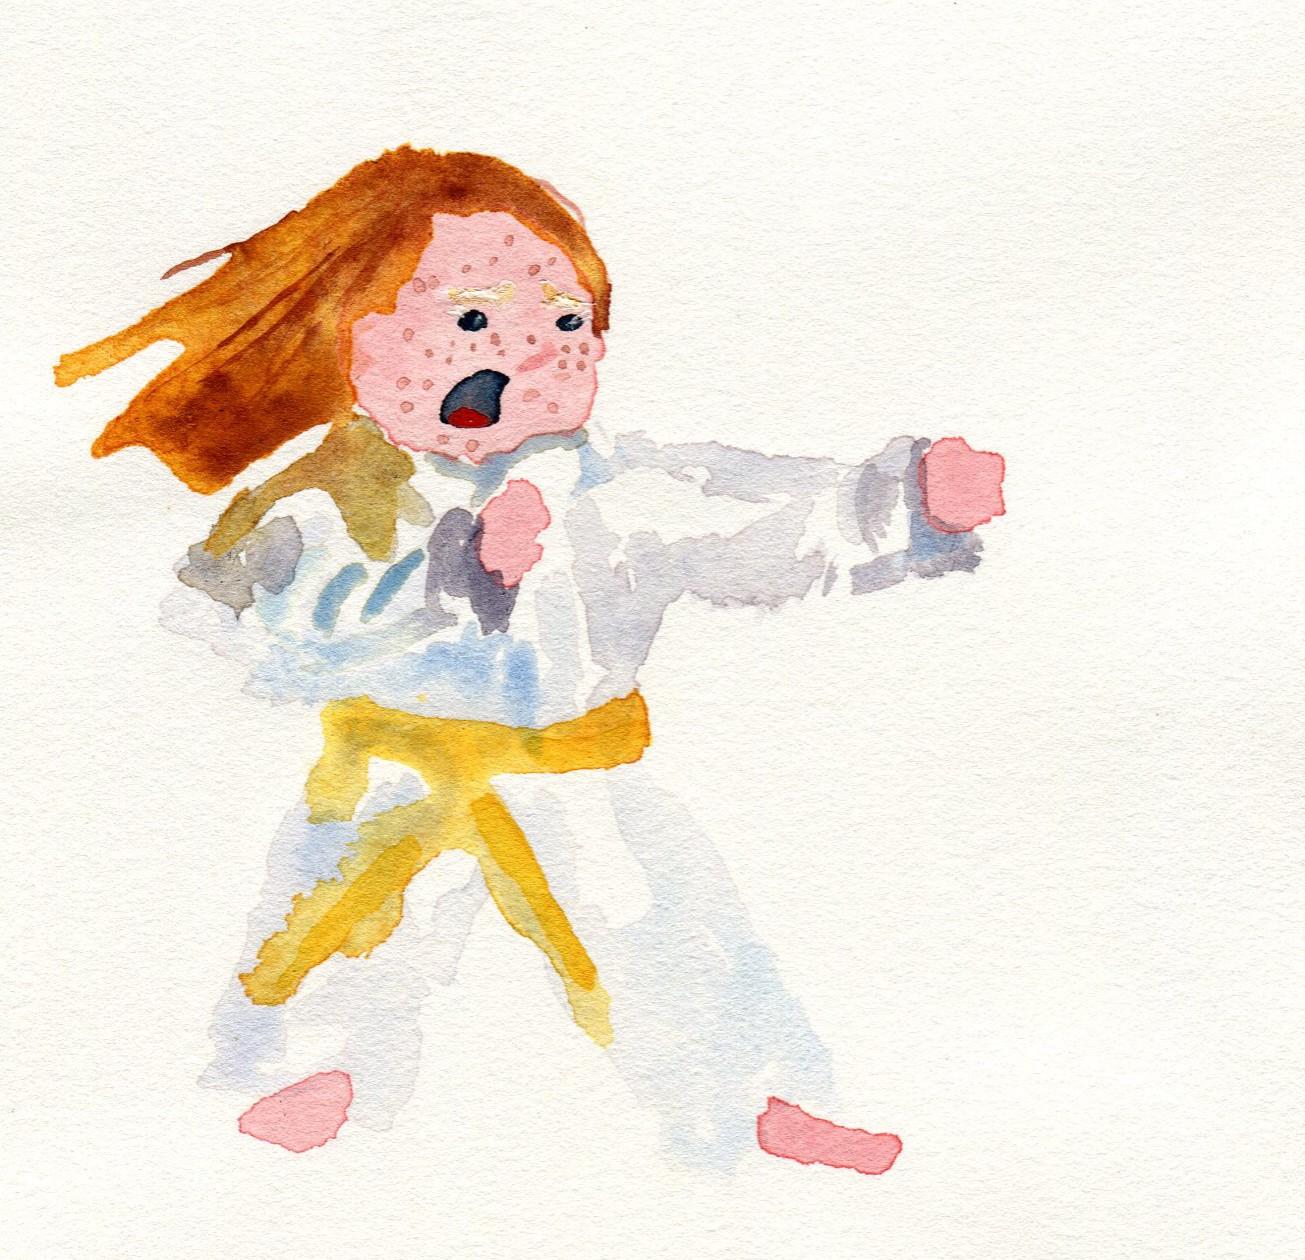 taekwondoer2